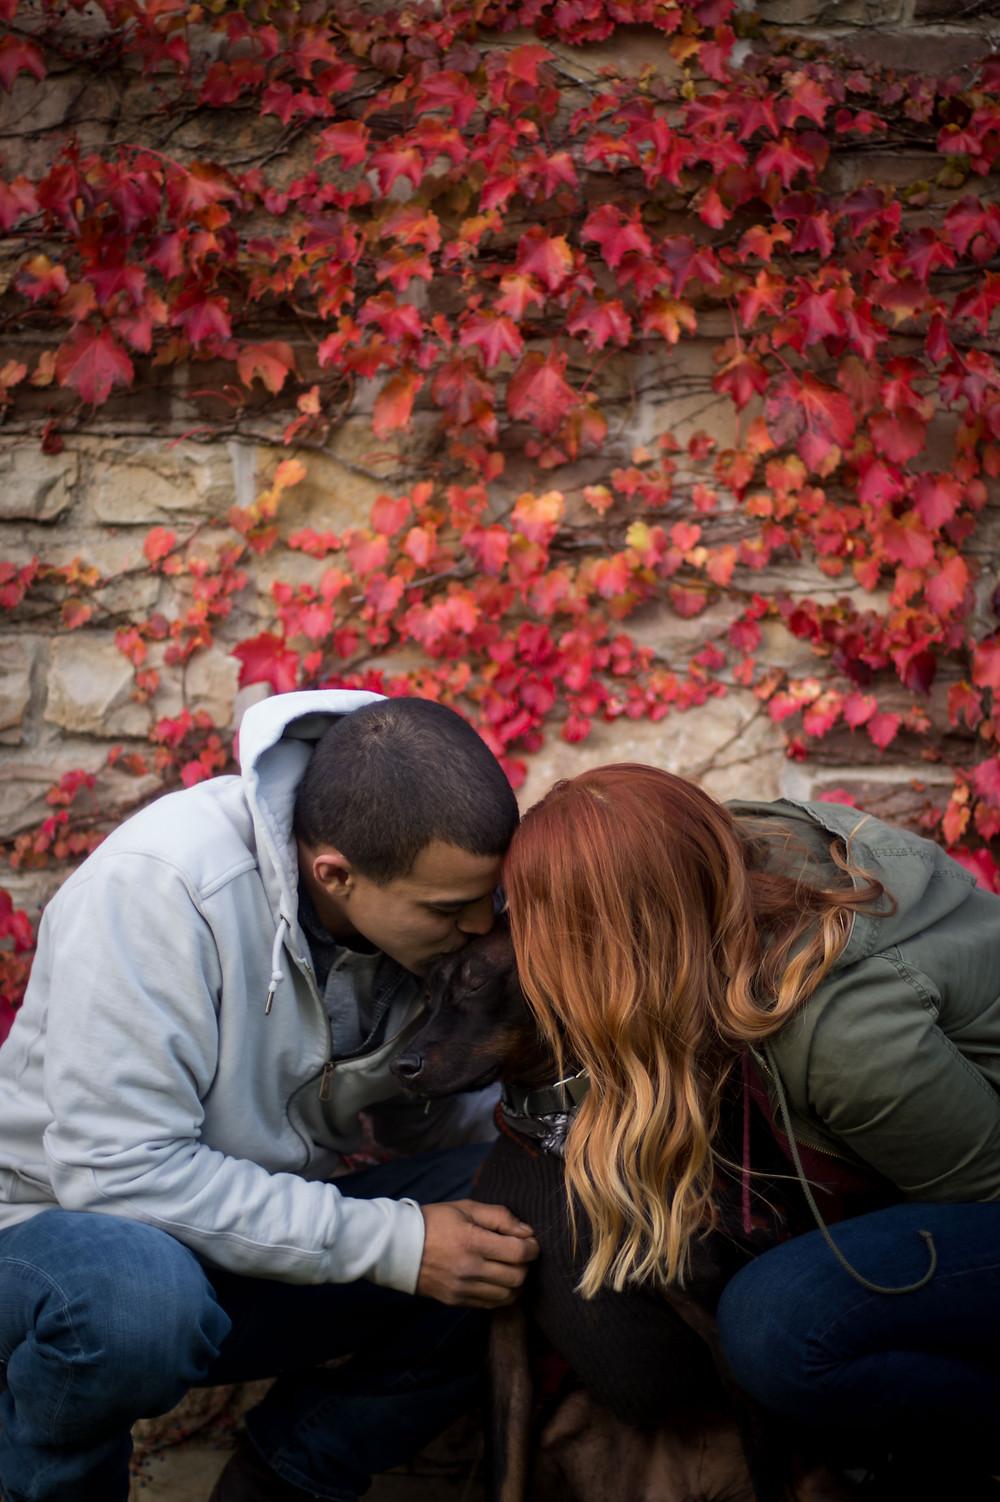 couple with dog engagement photo Chestnut Ridge Park NY